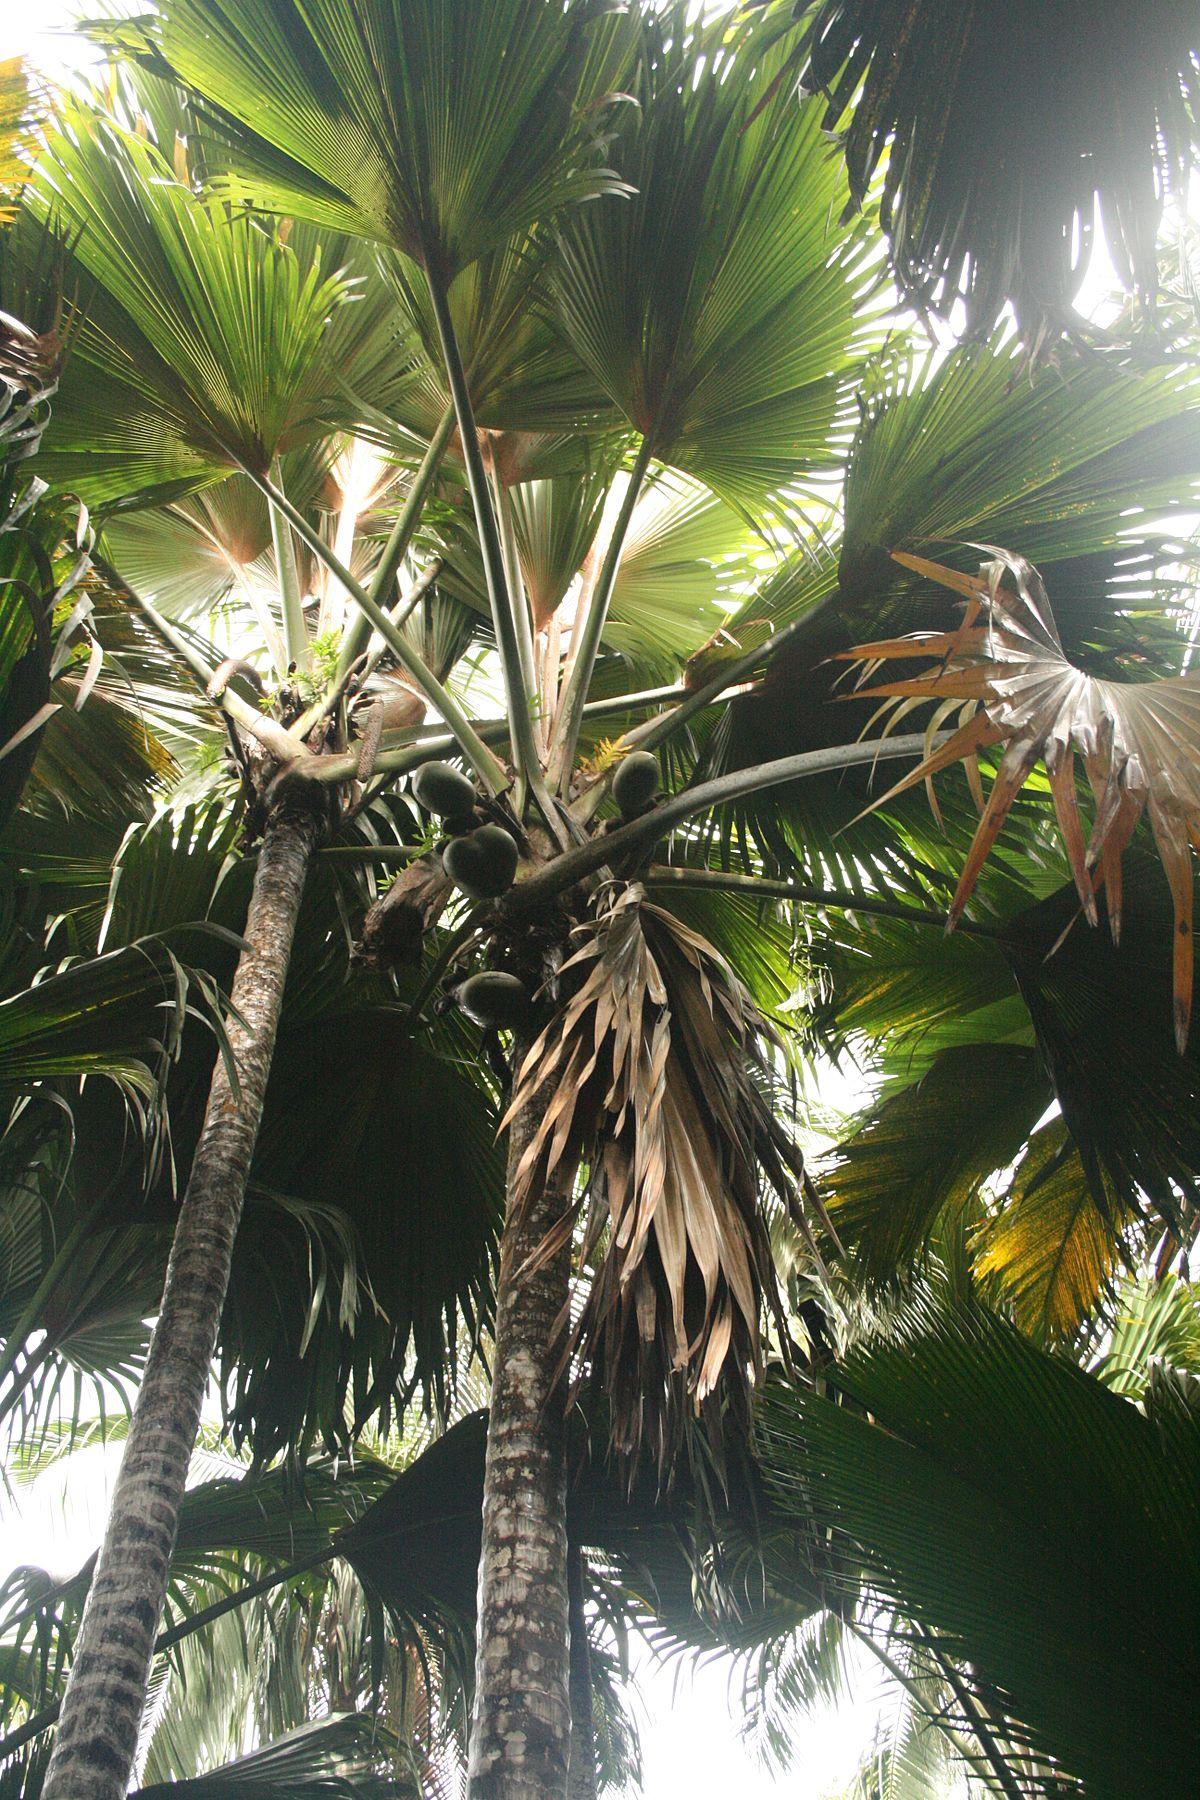 Cocotier de mer wikip dia - Palmier cocotier ...